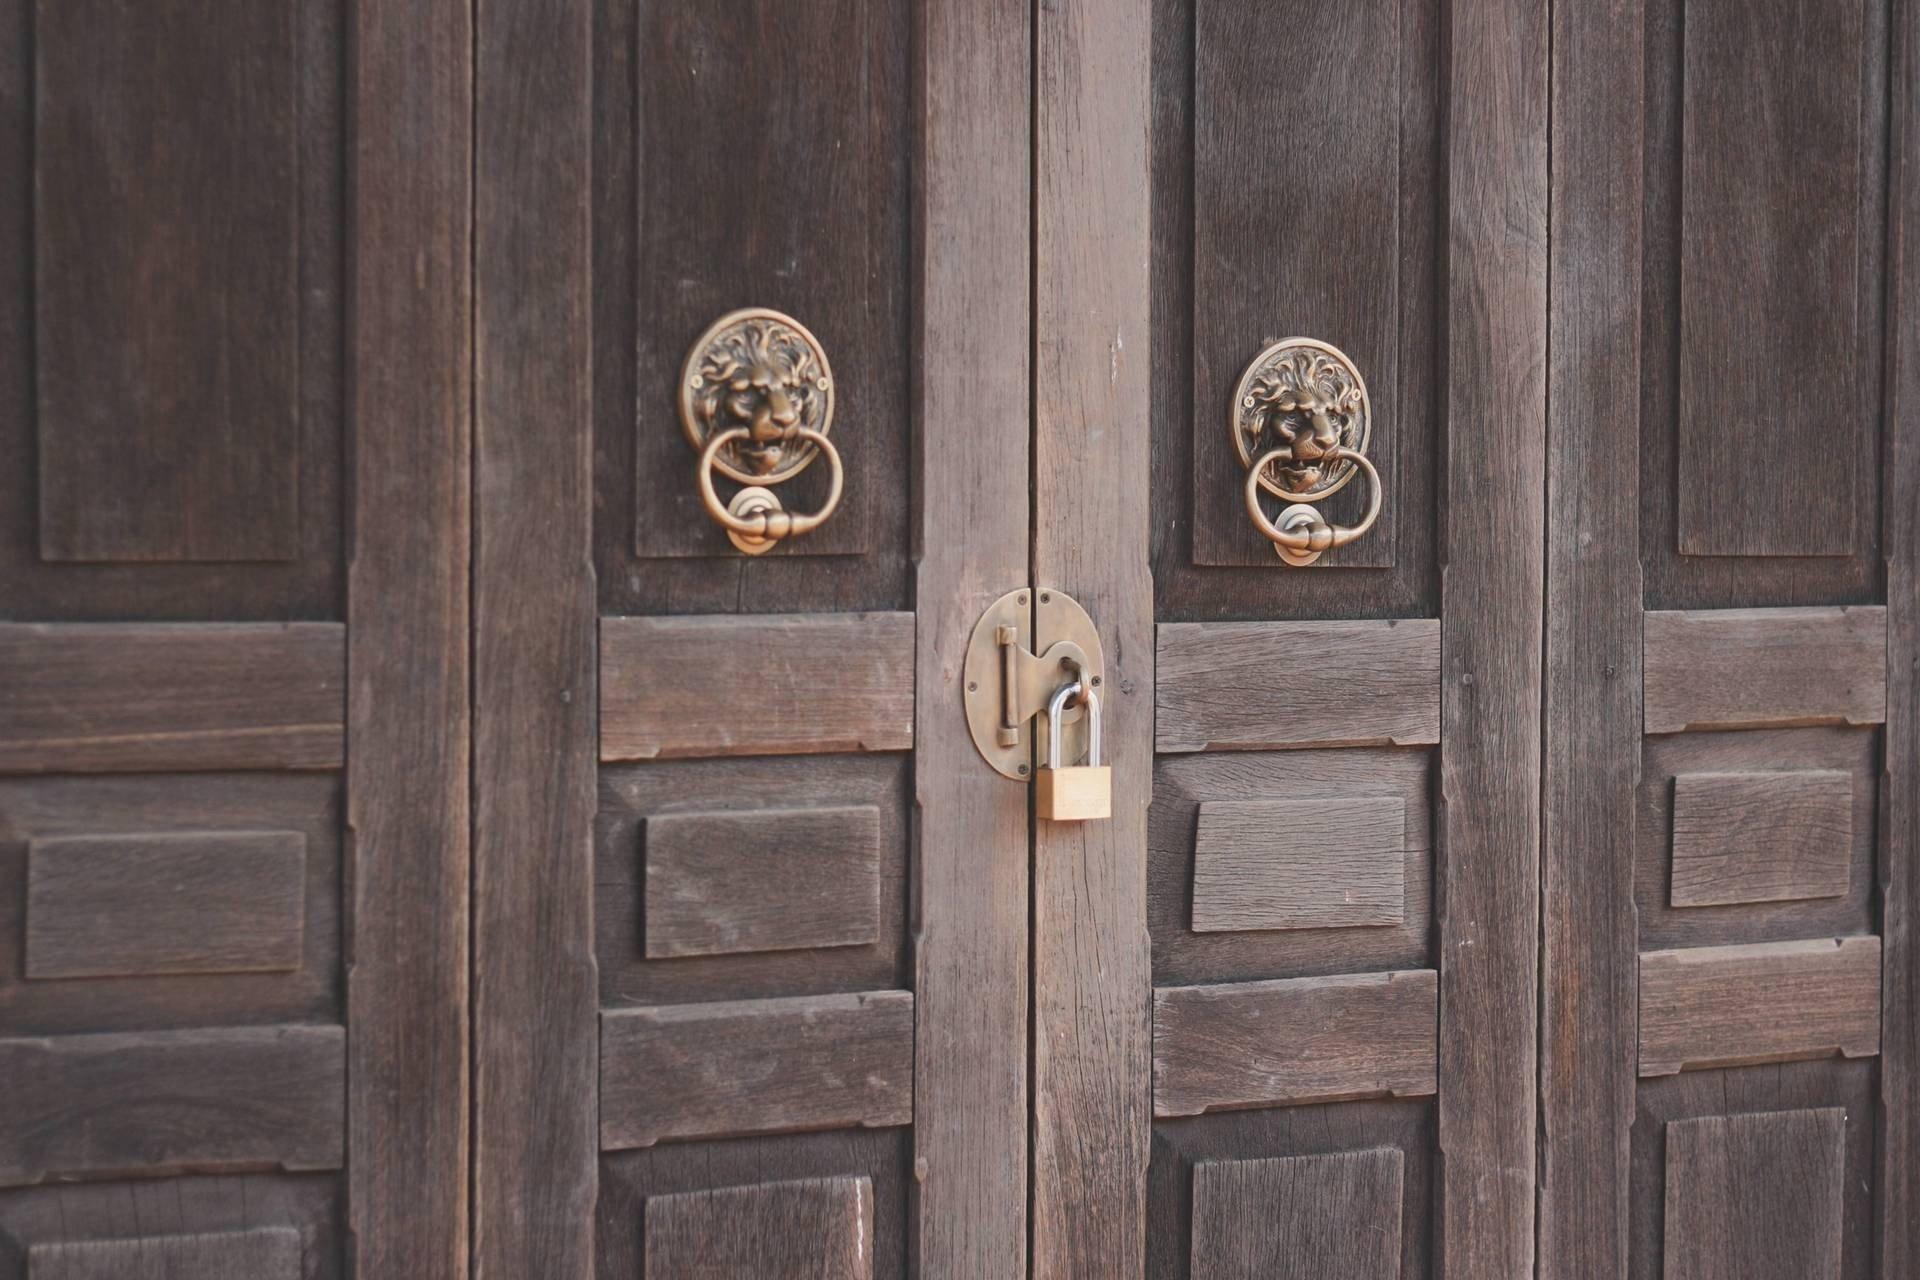 รายละเอียดของมือเปิดประตูที่เป็นงานโลหะ